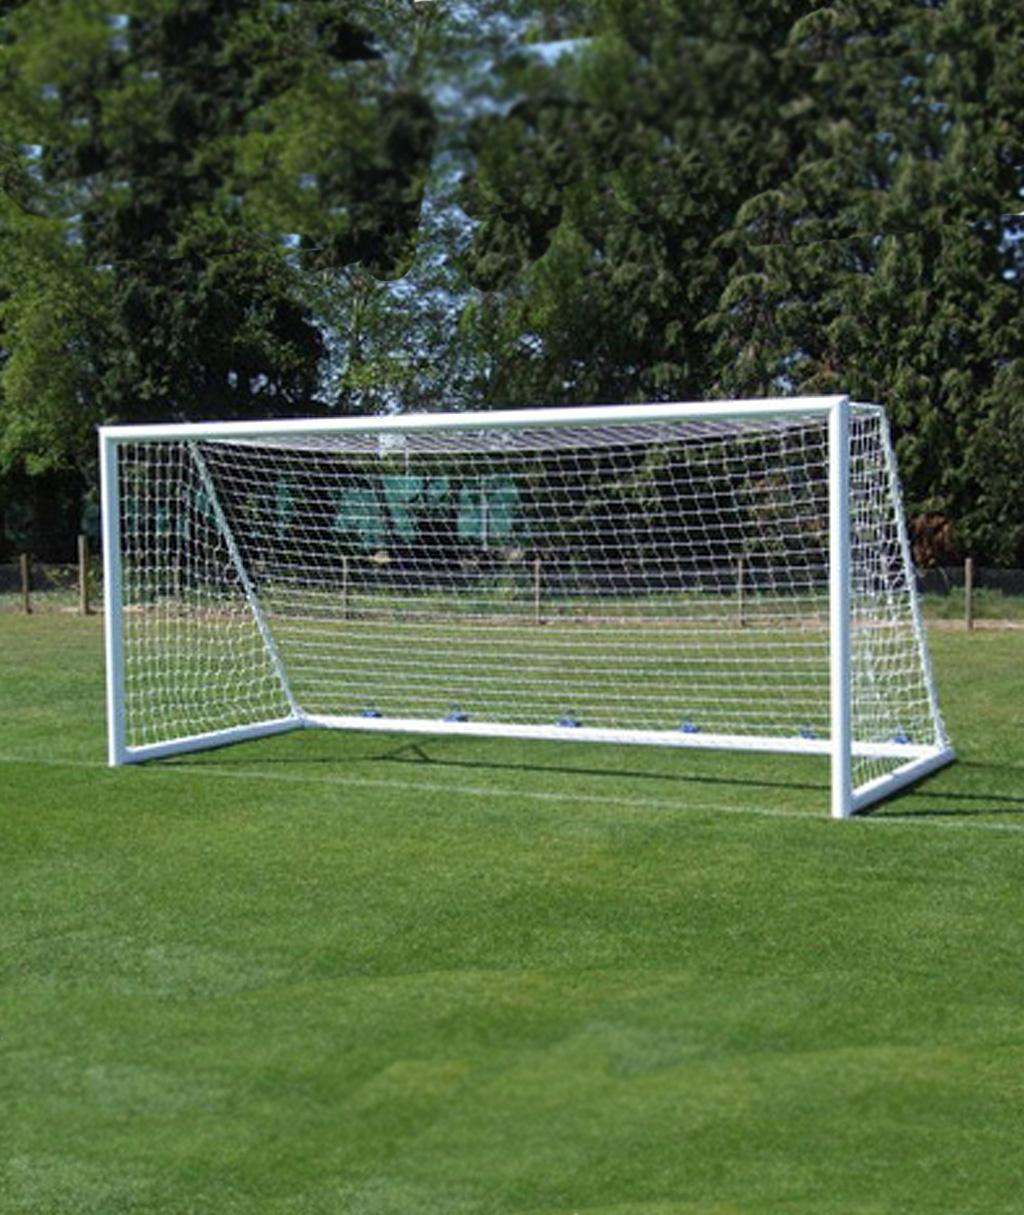 Купить сетку для футбольных ворот 5 на 2 м. Ячейка 100Х100